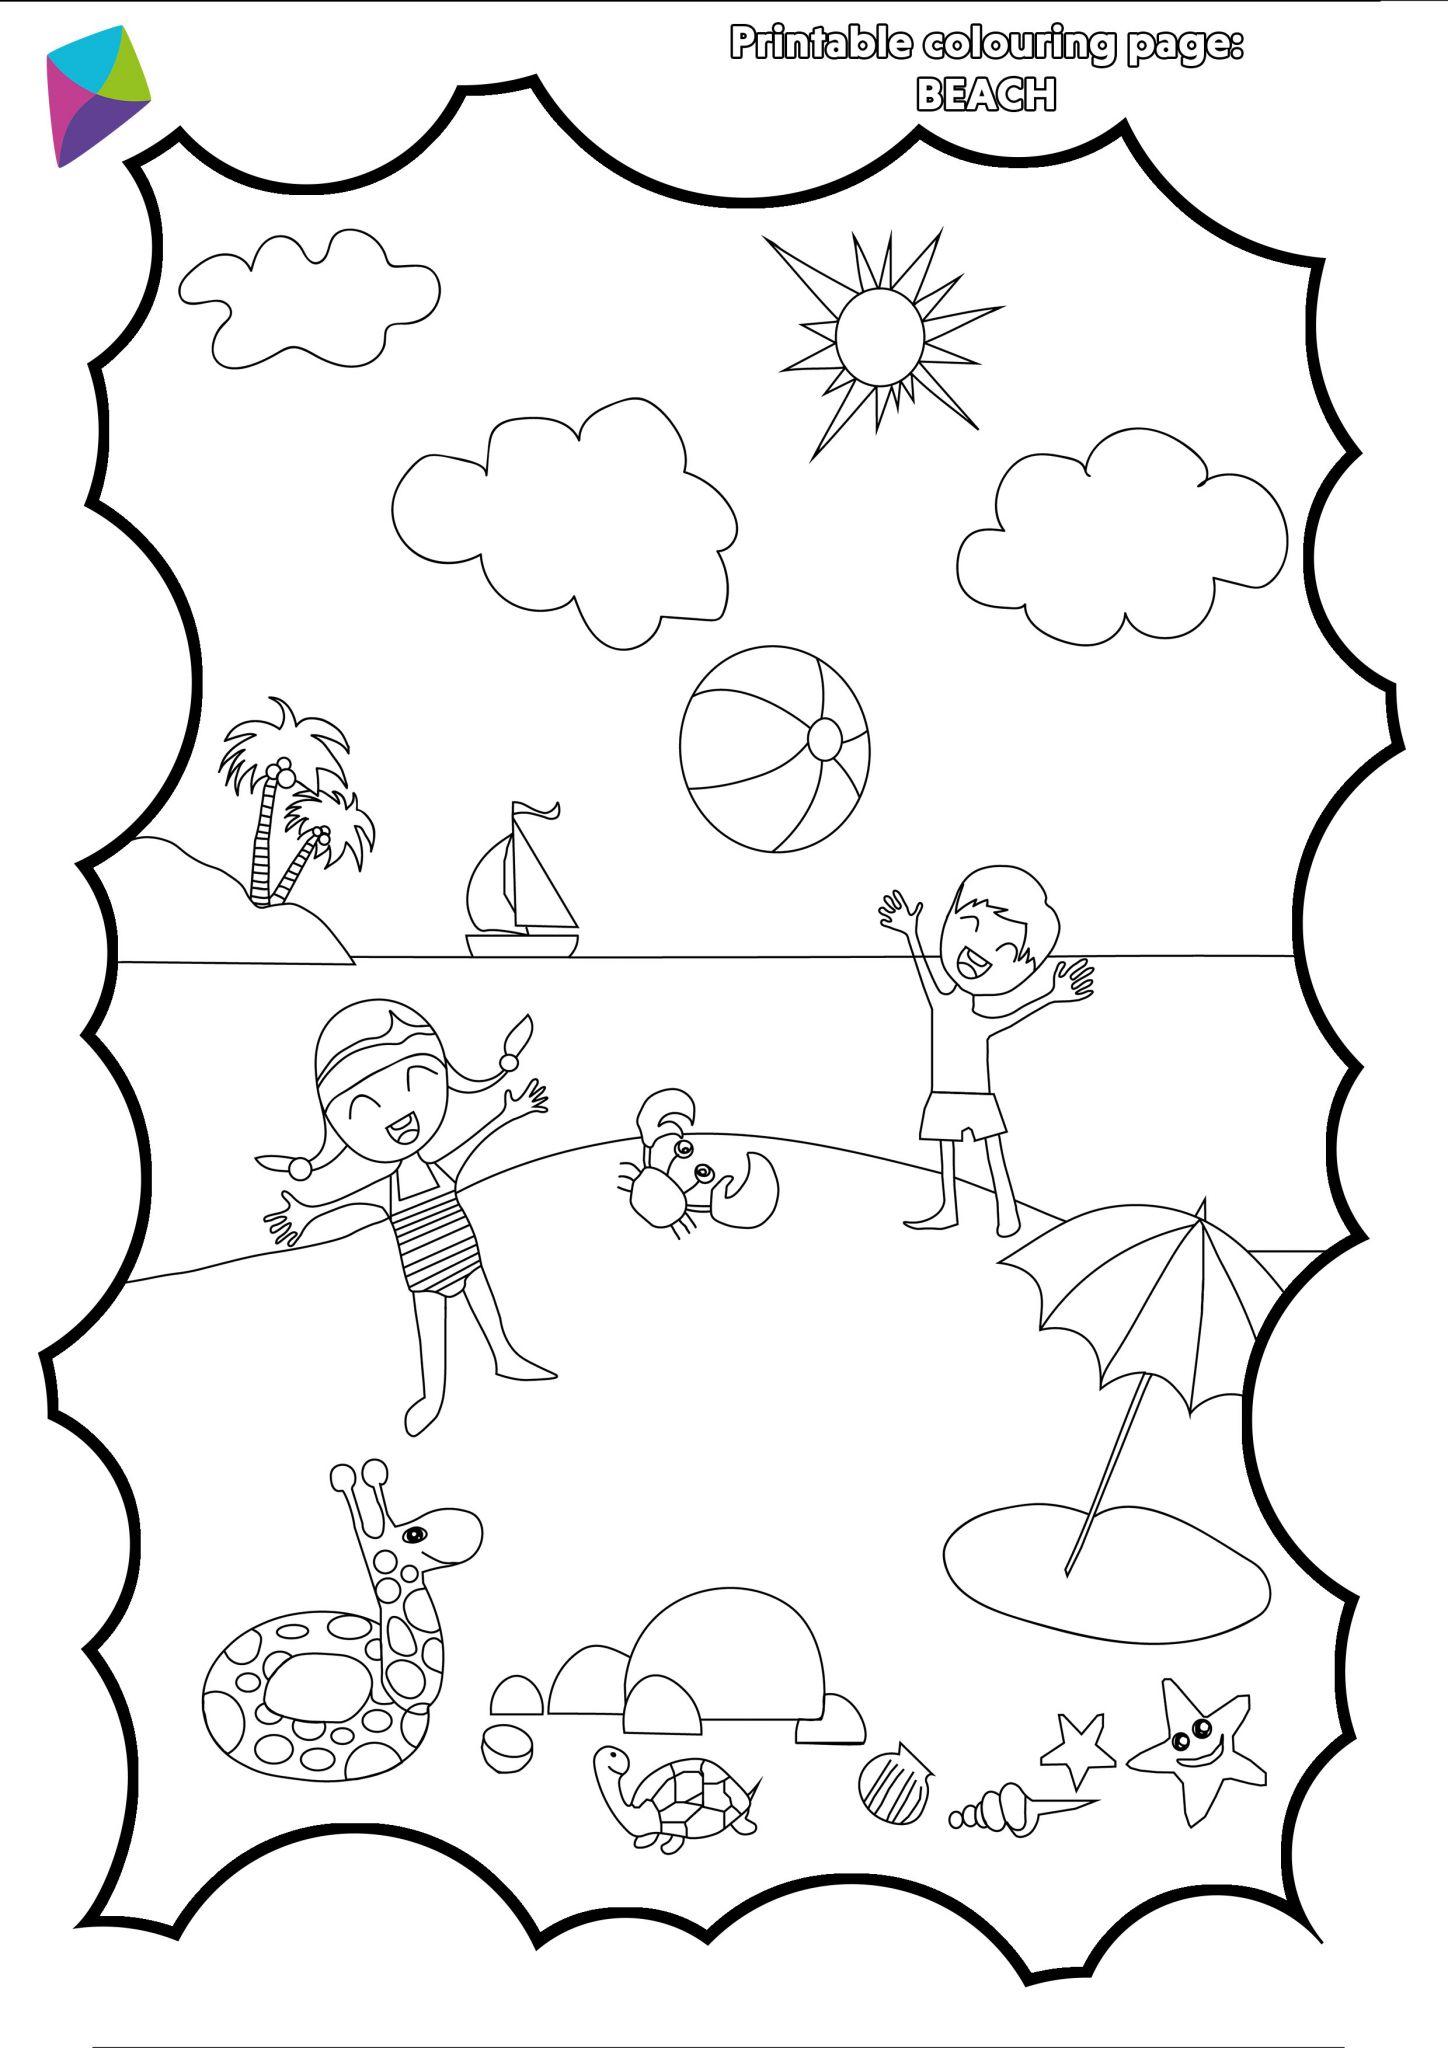 Summer Colouring Sheet PDF - Picniq Blog